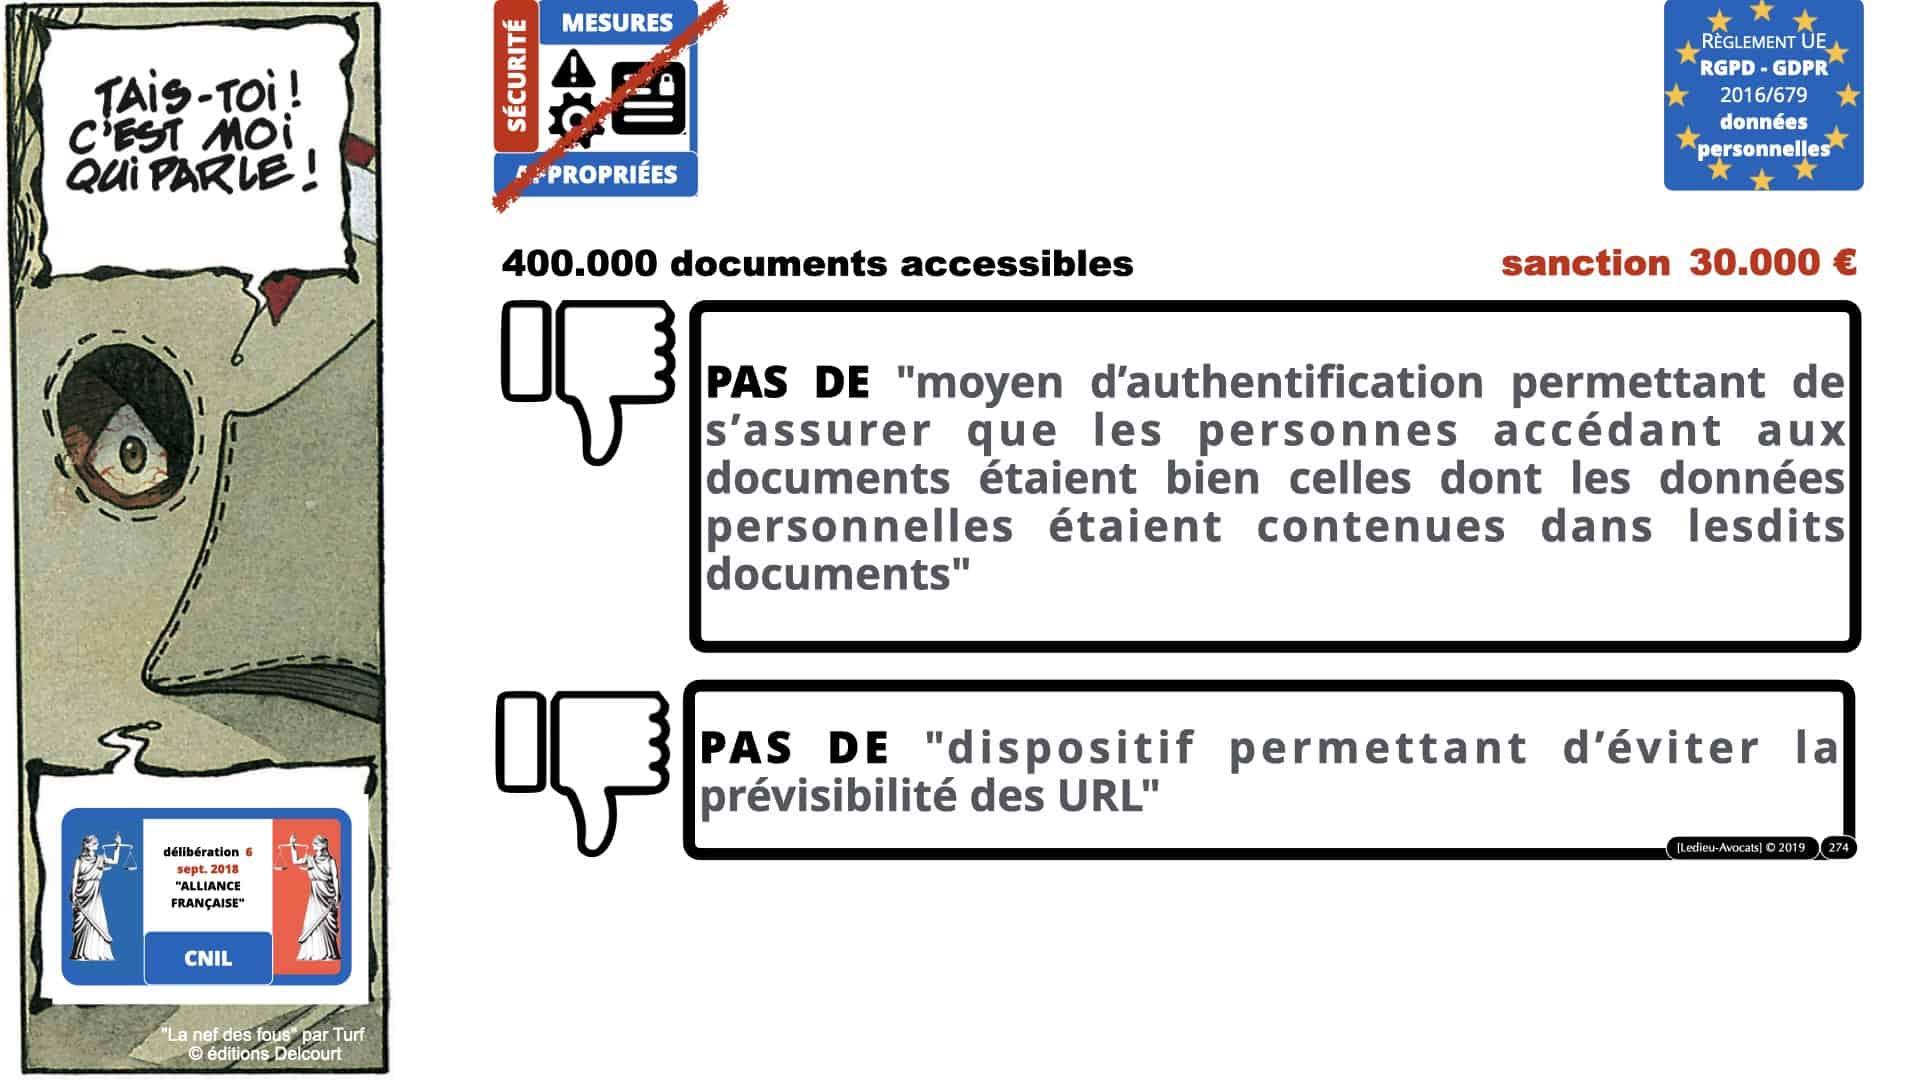 RGPD e-Privacy données personnelles jurisprudence formation Lamy Les Echos 10-02-2021 ©Ledieu-Avocats.274